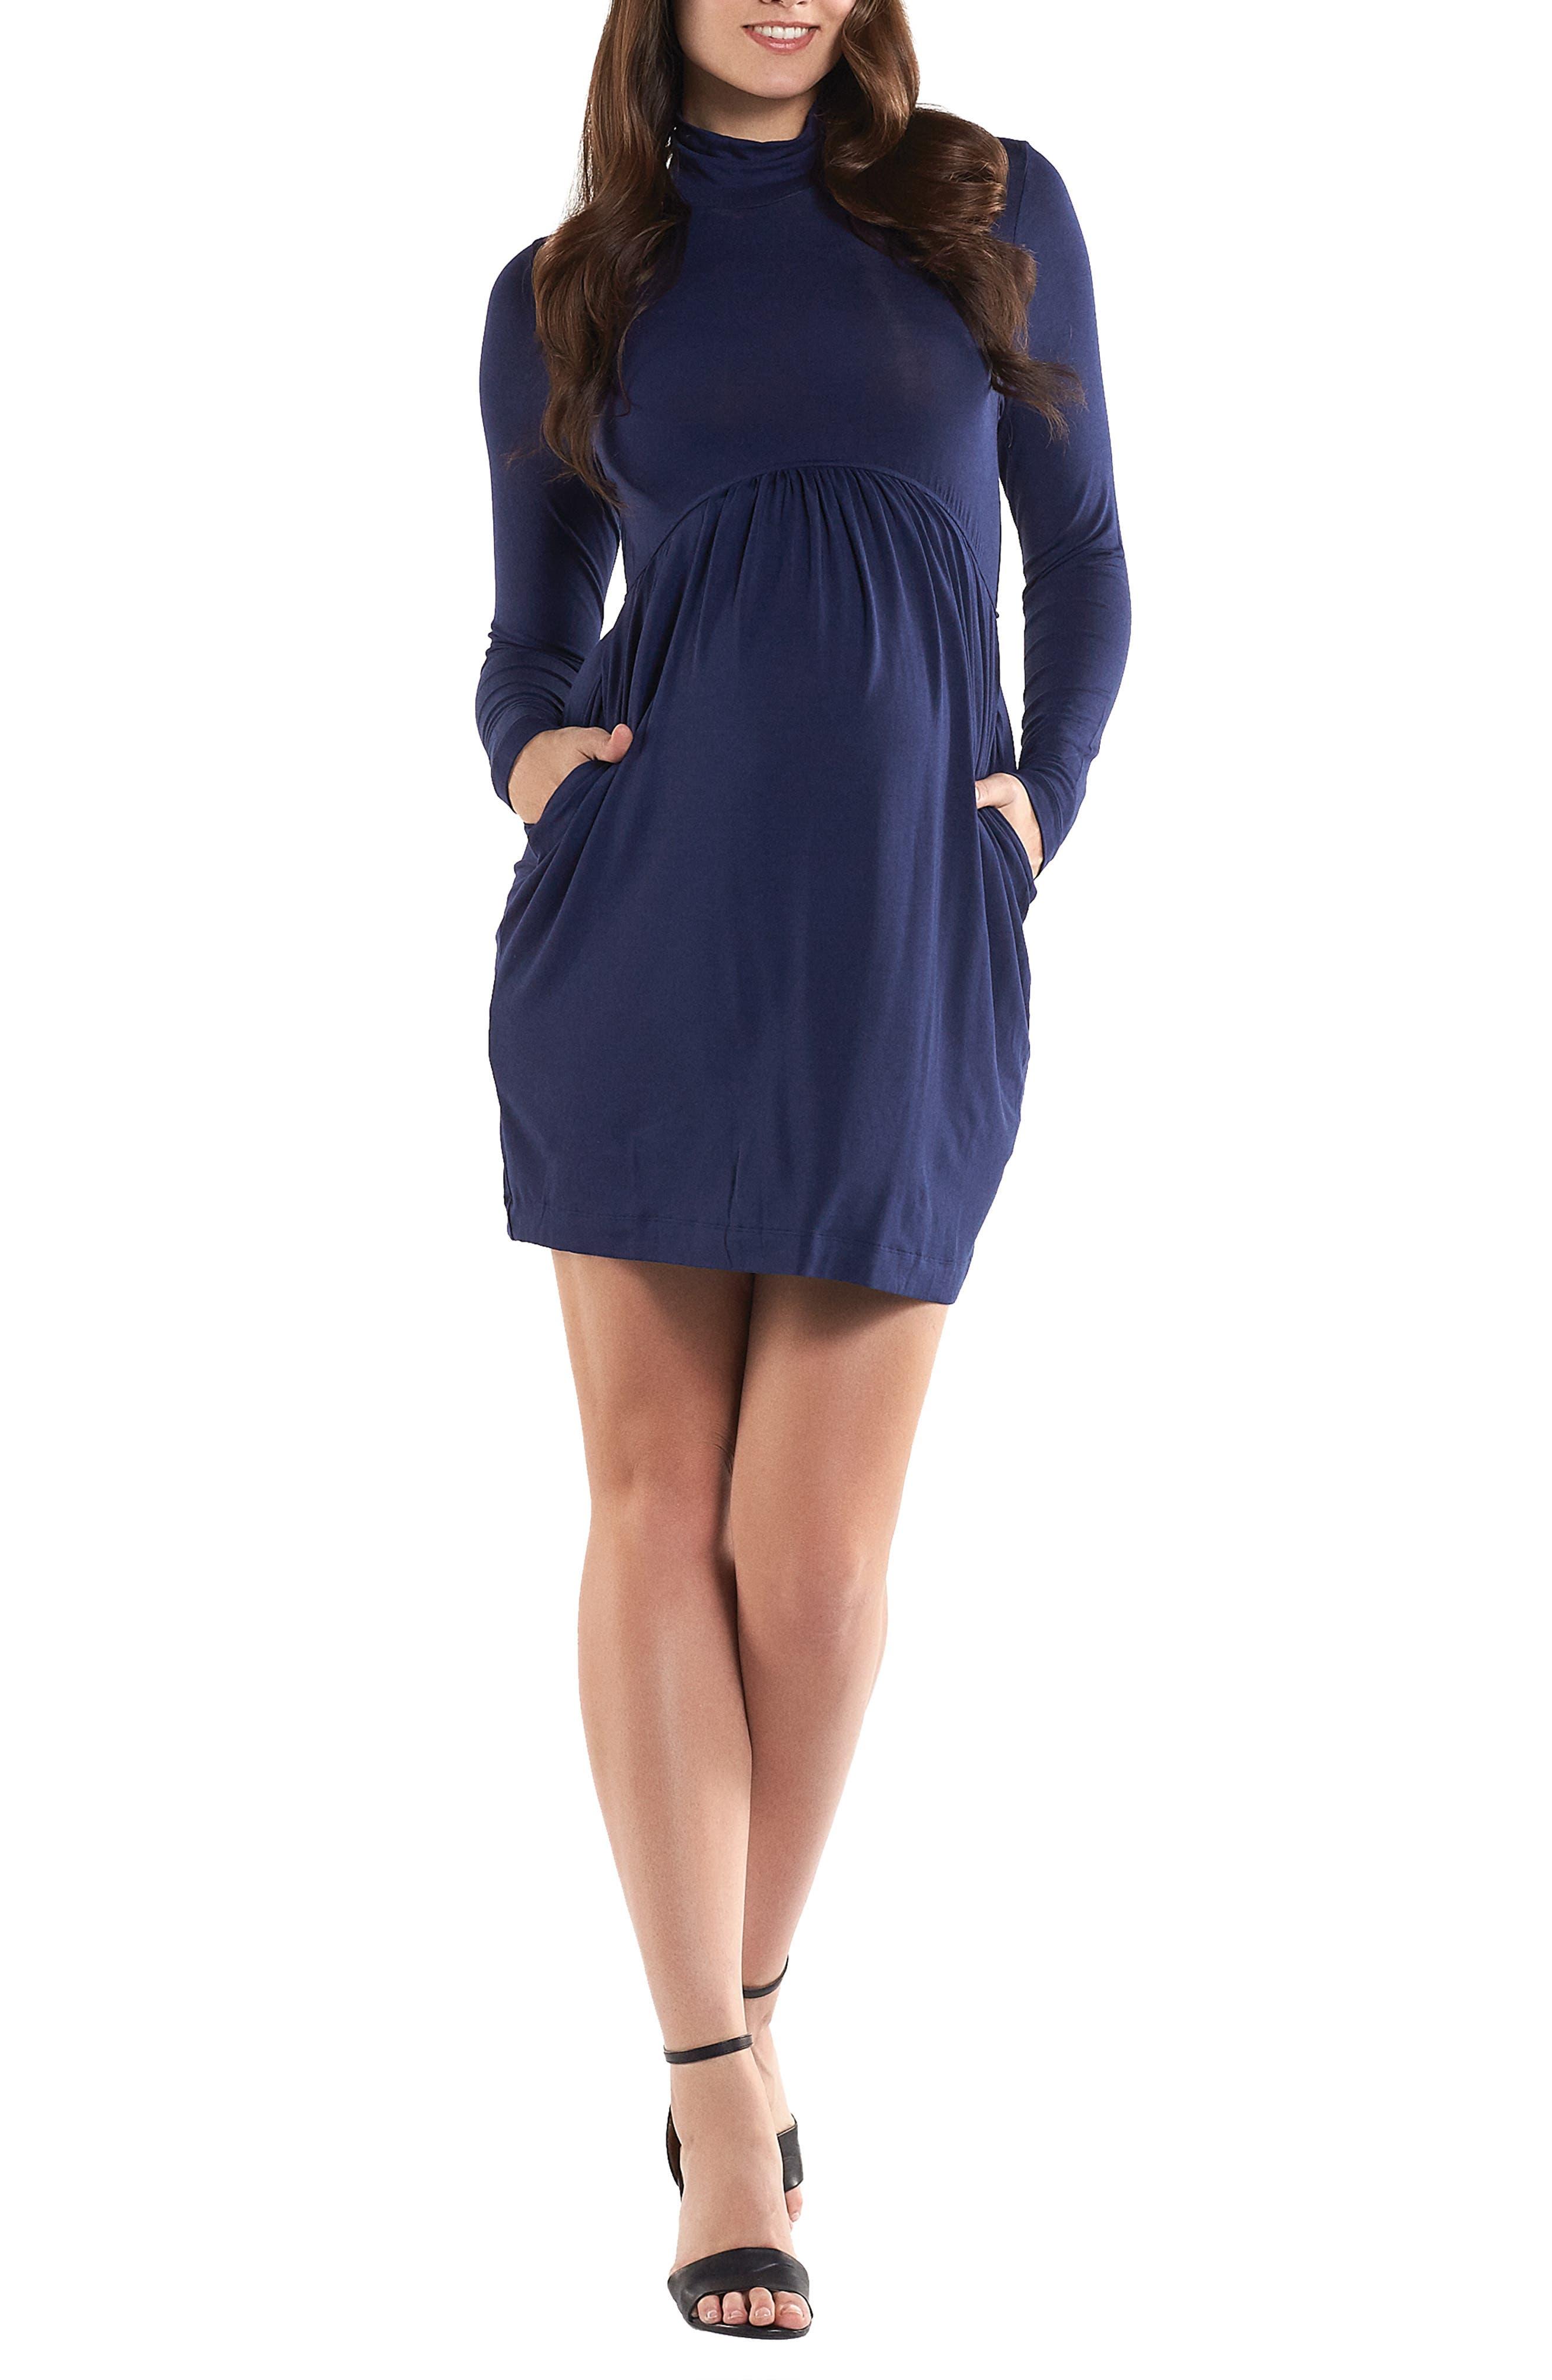 TART MATERNITY, 'Rhiannon' Turtleneck Fit & Flare Maternity Dress, Main thumbnail 1, color, PEACOAT